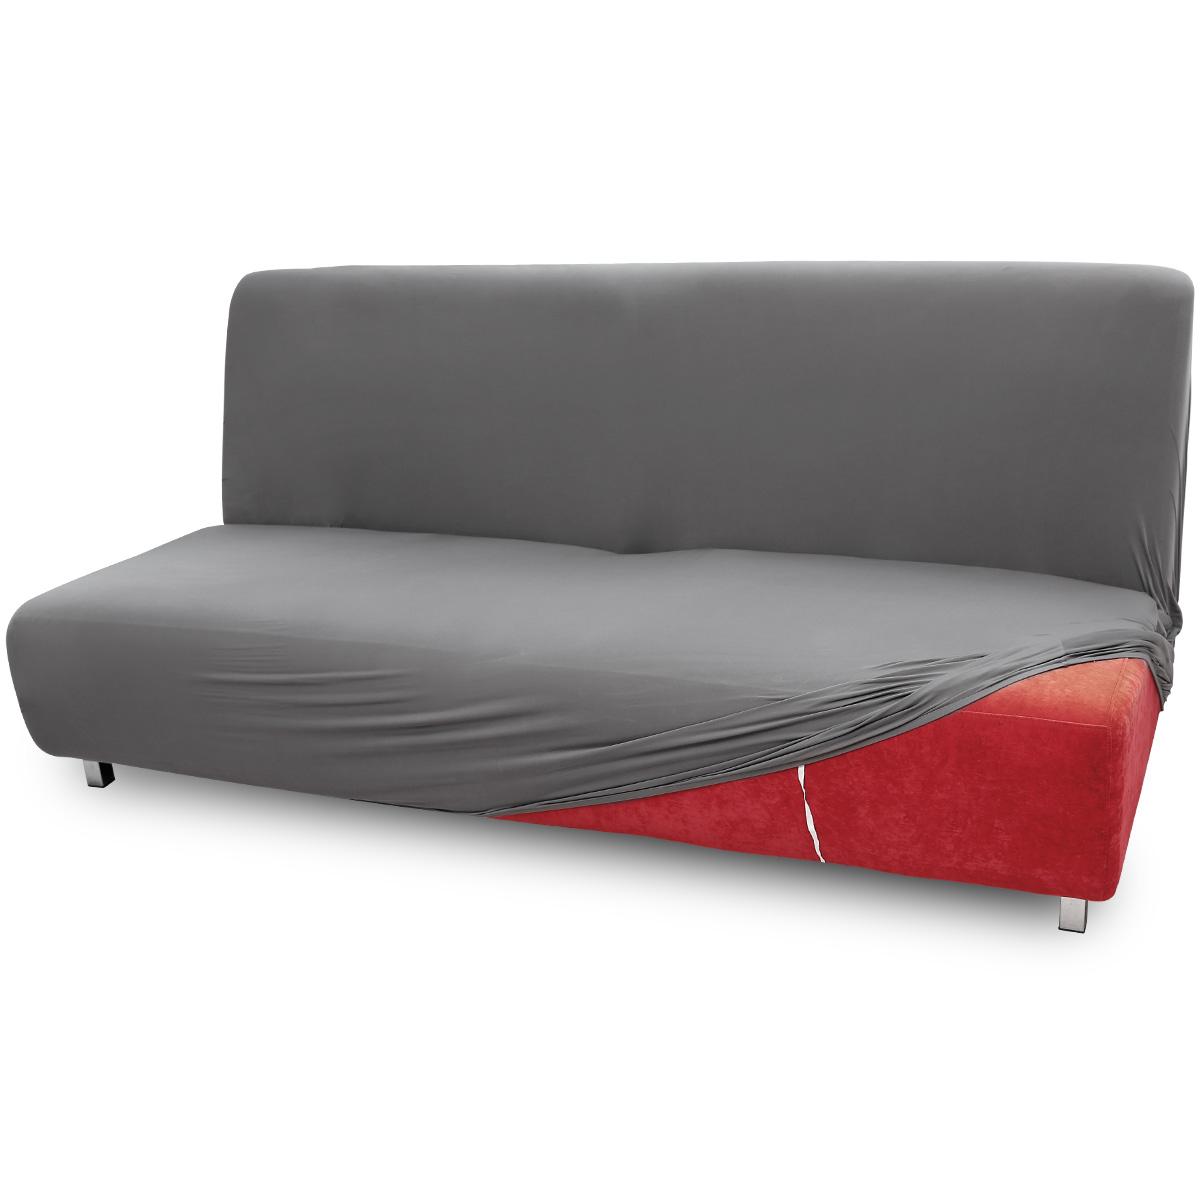 Fundas para sof s cama clic clac funda ajustable 1 2 3 for Sofa cama color gris